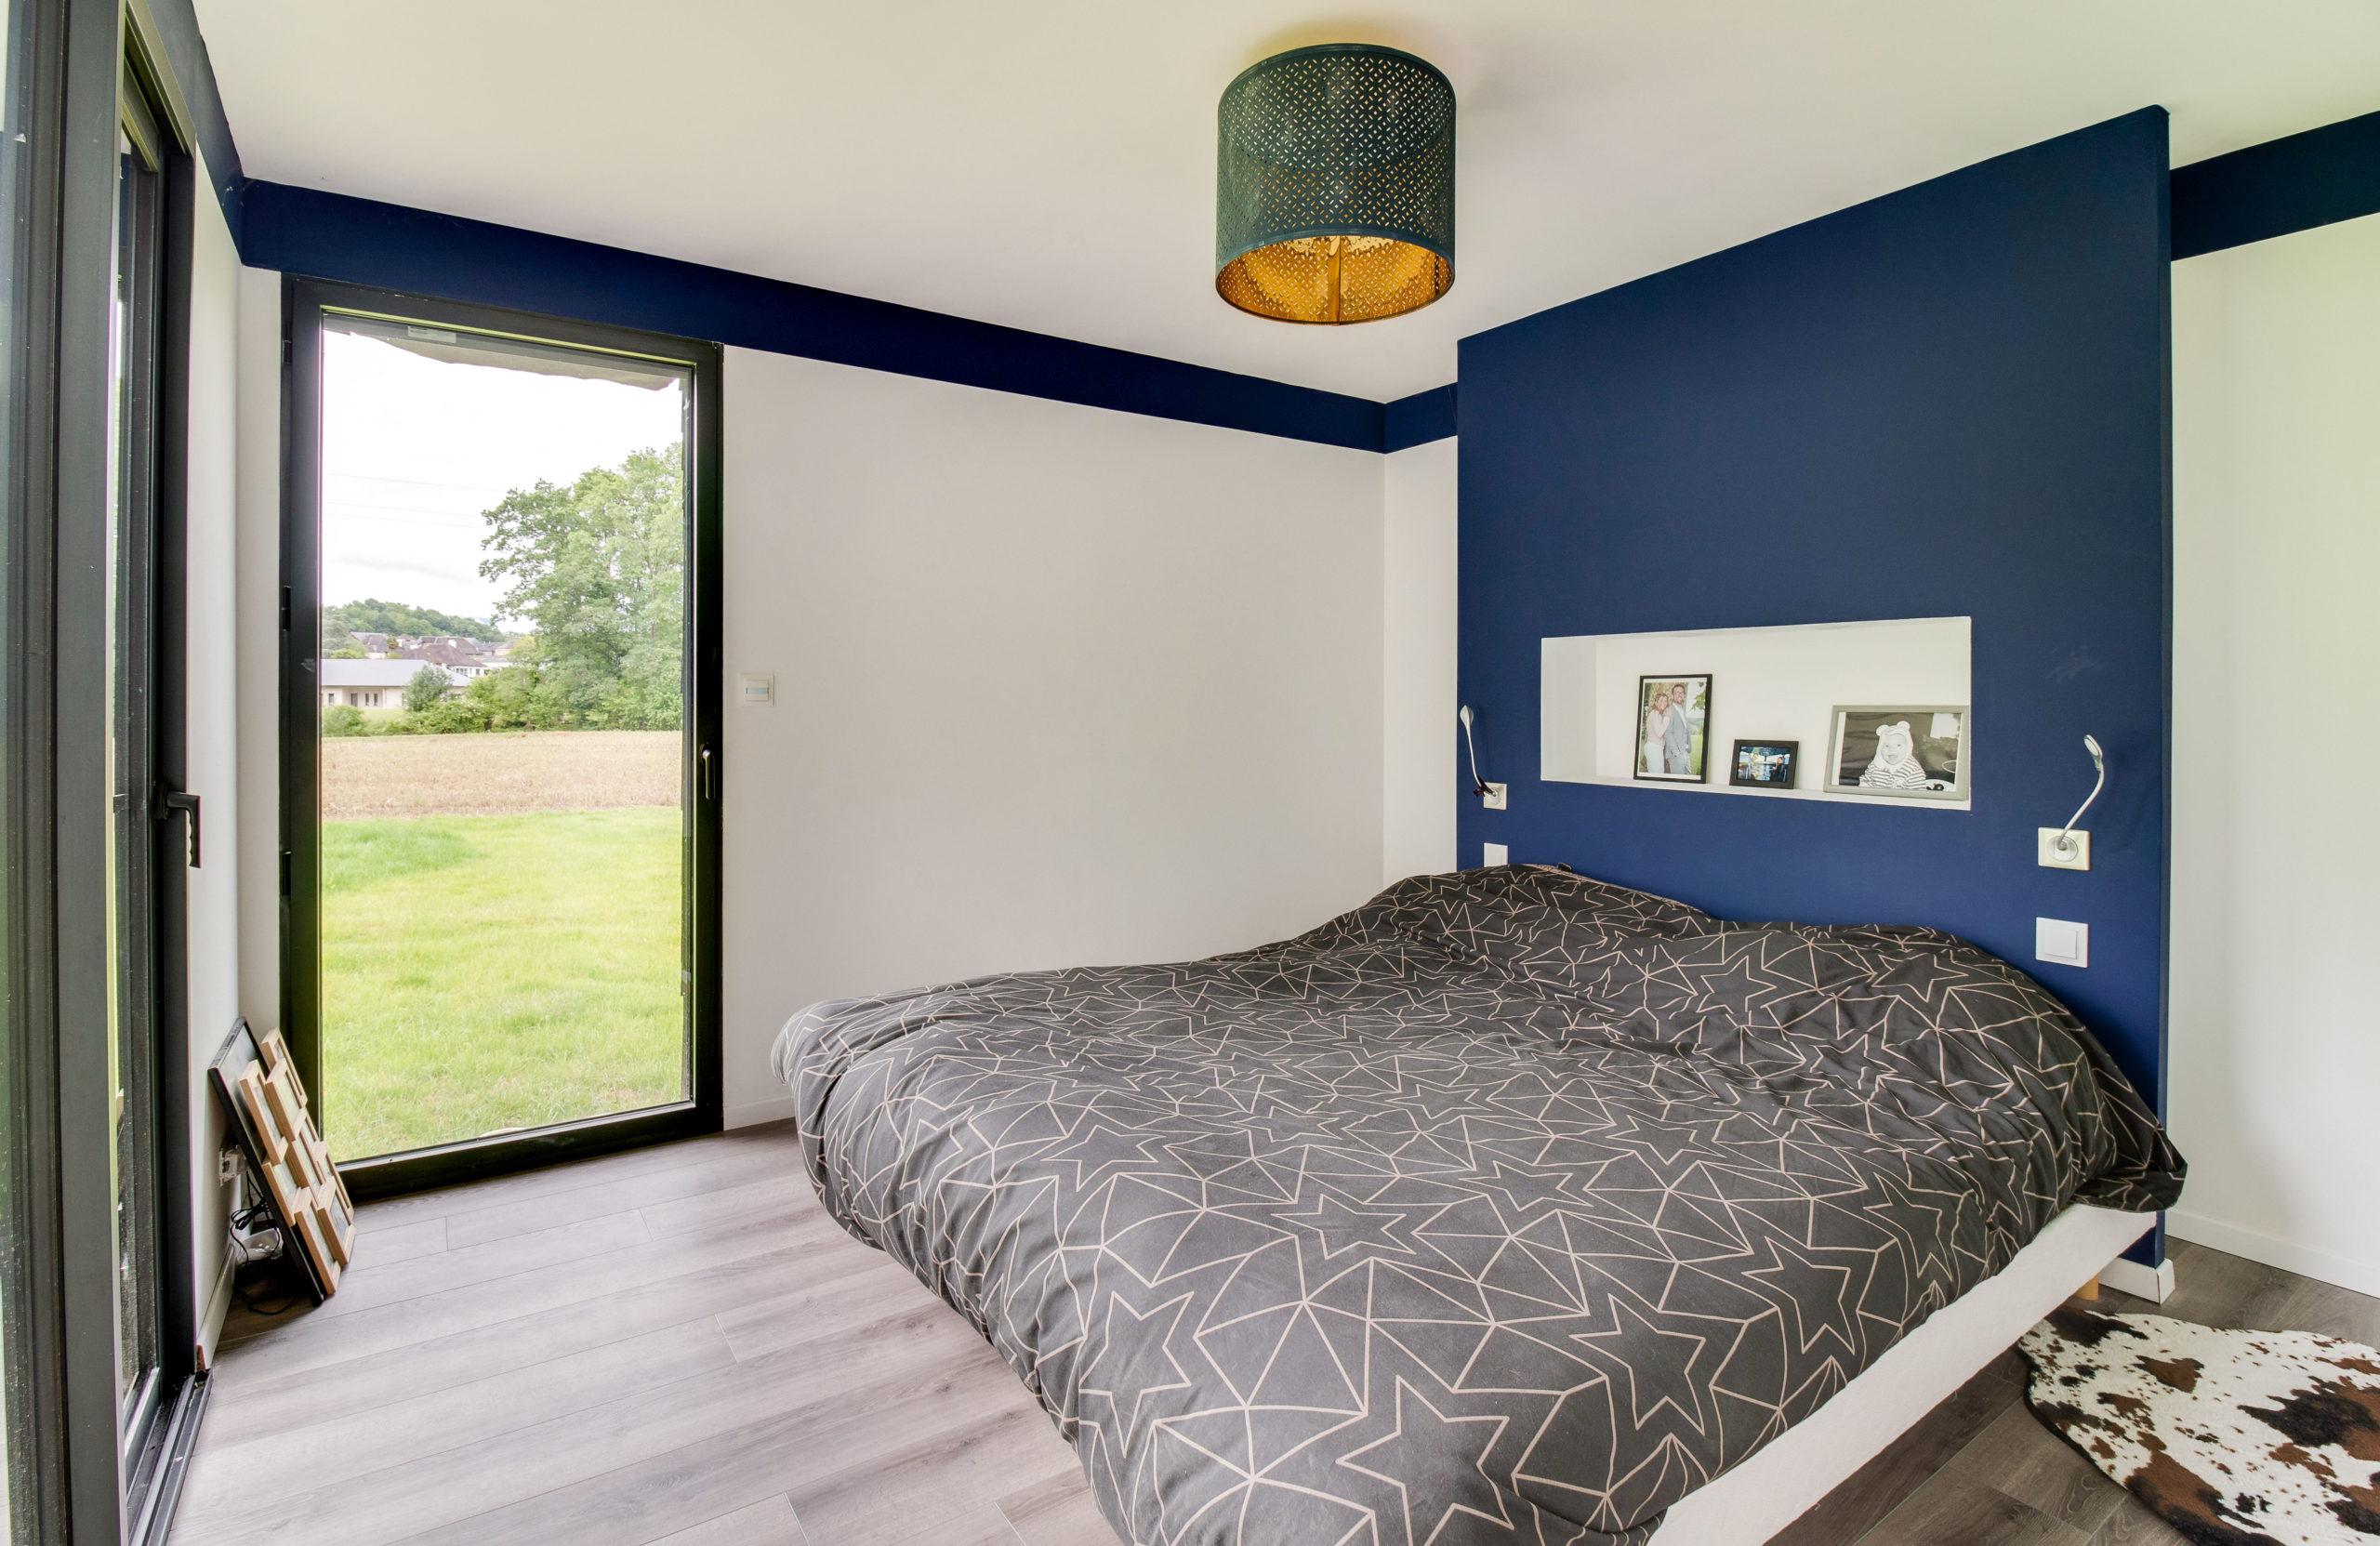 Atelier-Plurielles-architectures-construction-maison-Bearn-chambre